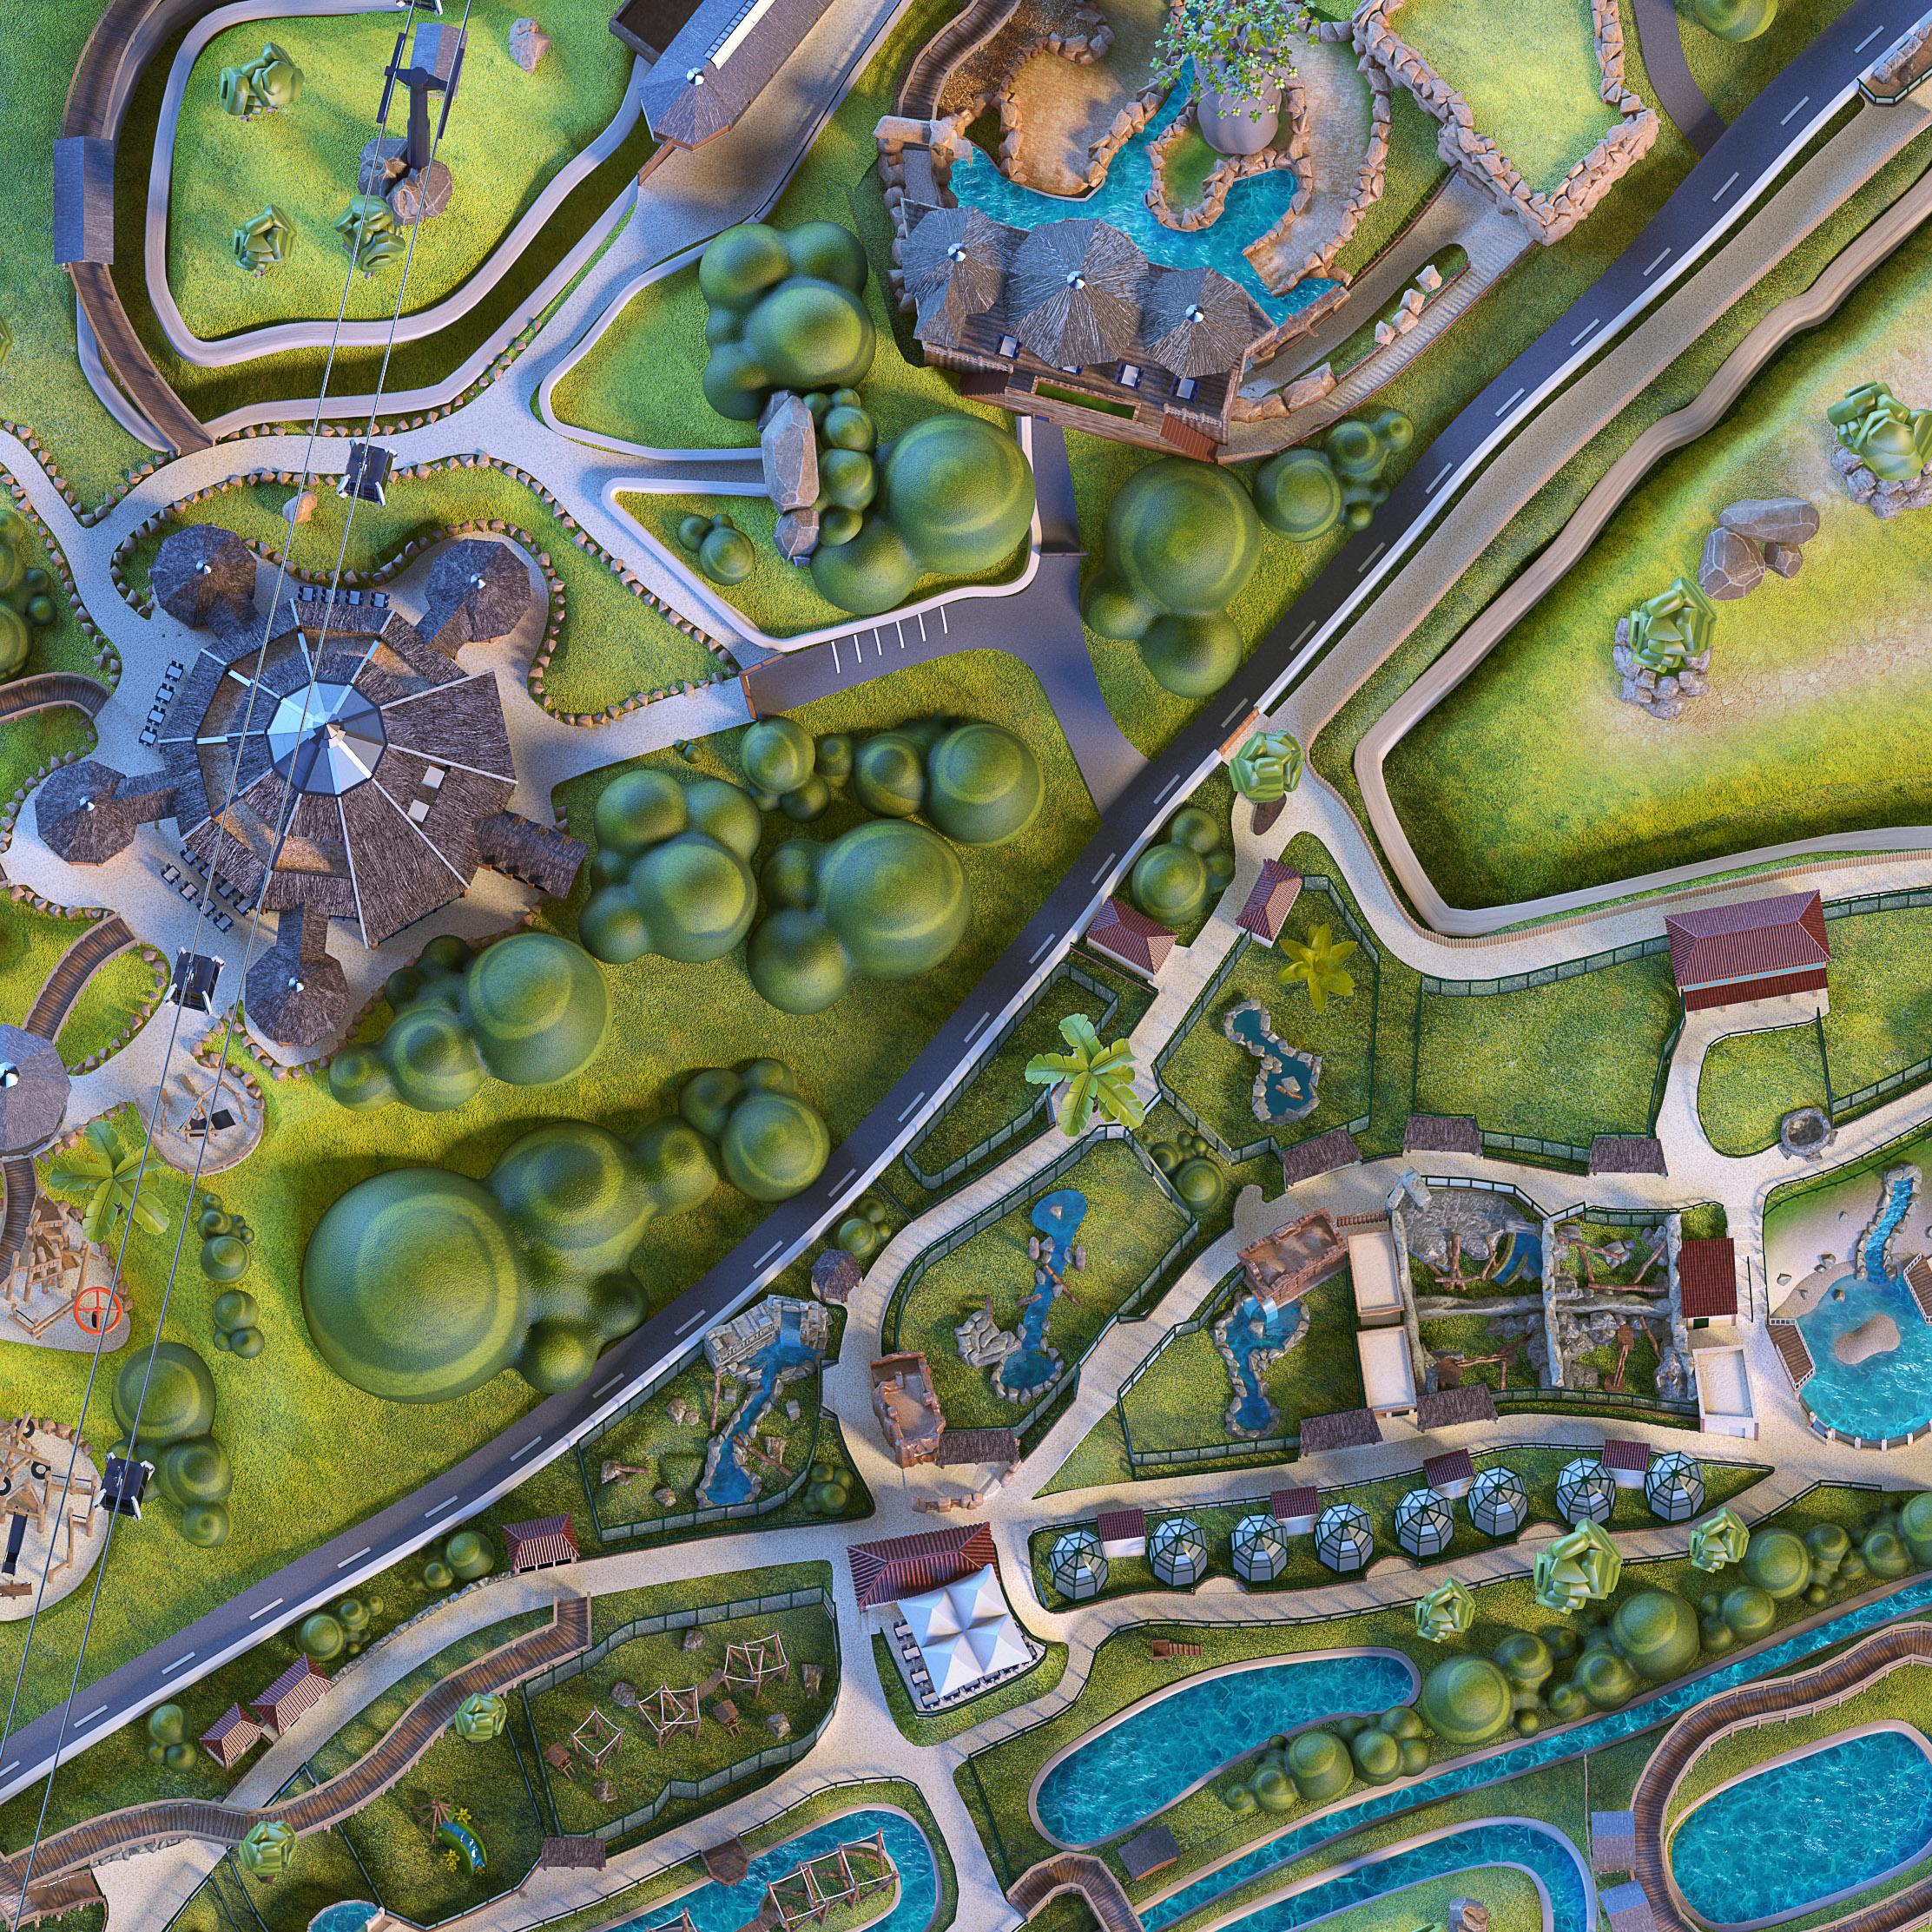 GALERIE-Dripmoon-Studio-3D-Tours-Motion-design-Zooparc-de-Beauval-Plan-du-parc 4